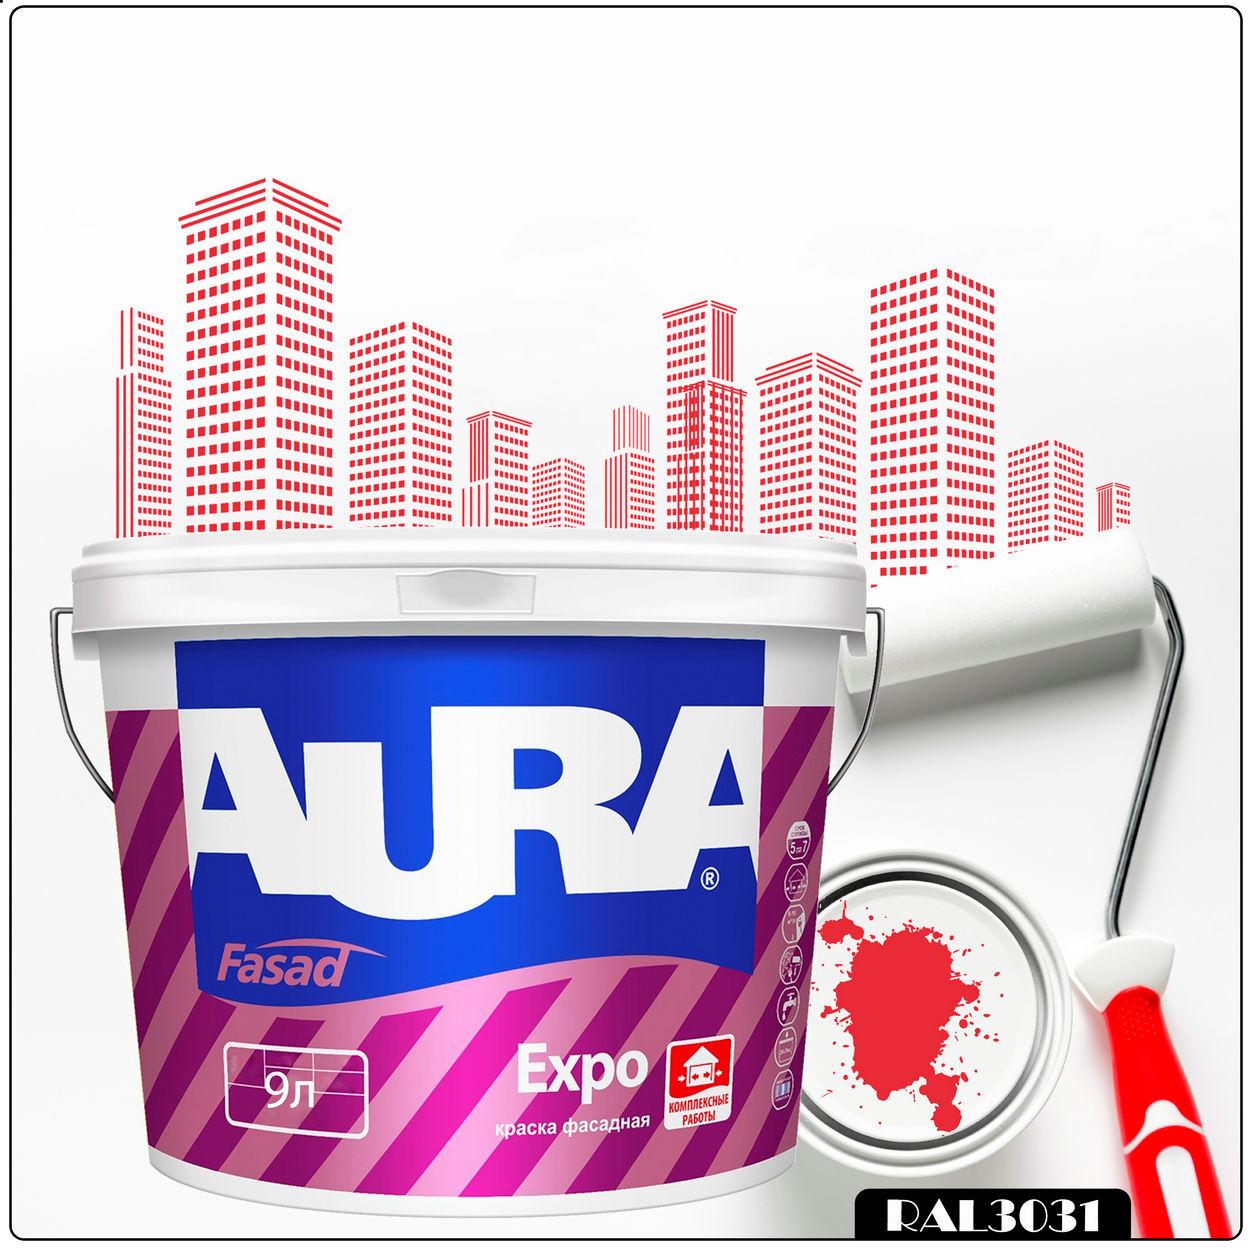 Фото 21 - Краска Aura Fasad Expo, RAL 3031 Красный-ориент, матовая, для фасадов и помещений с повышенной влажностью, 9л.